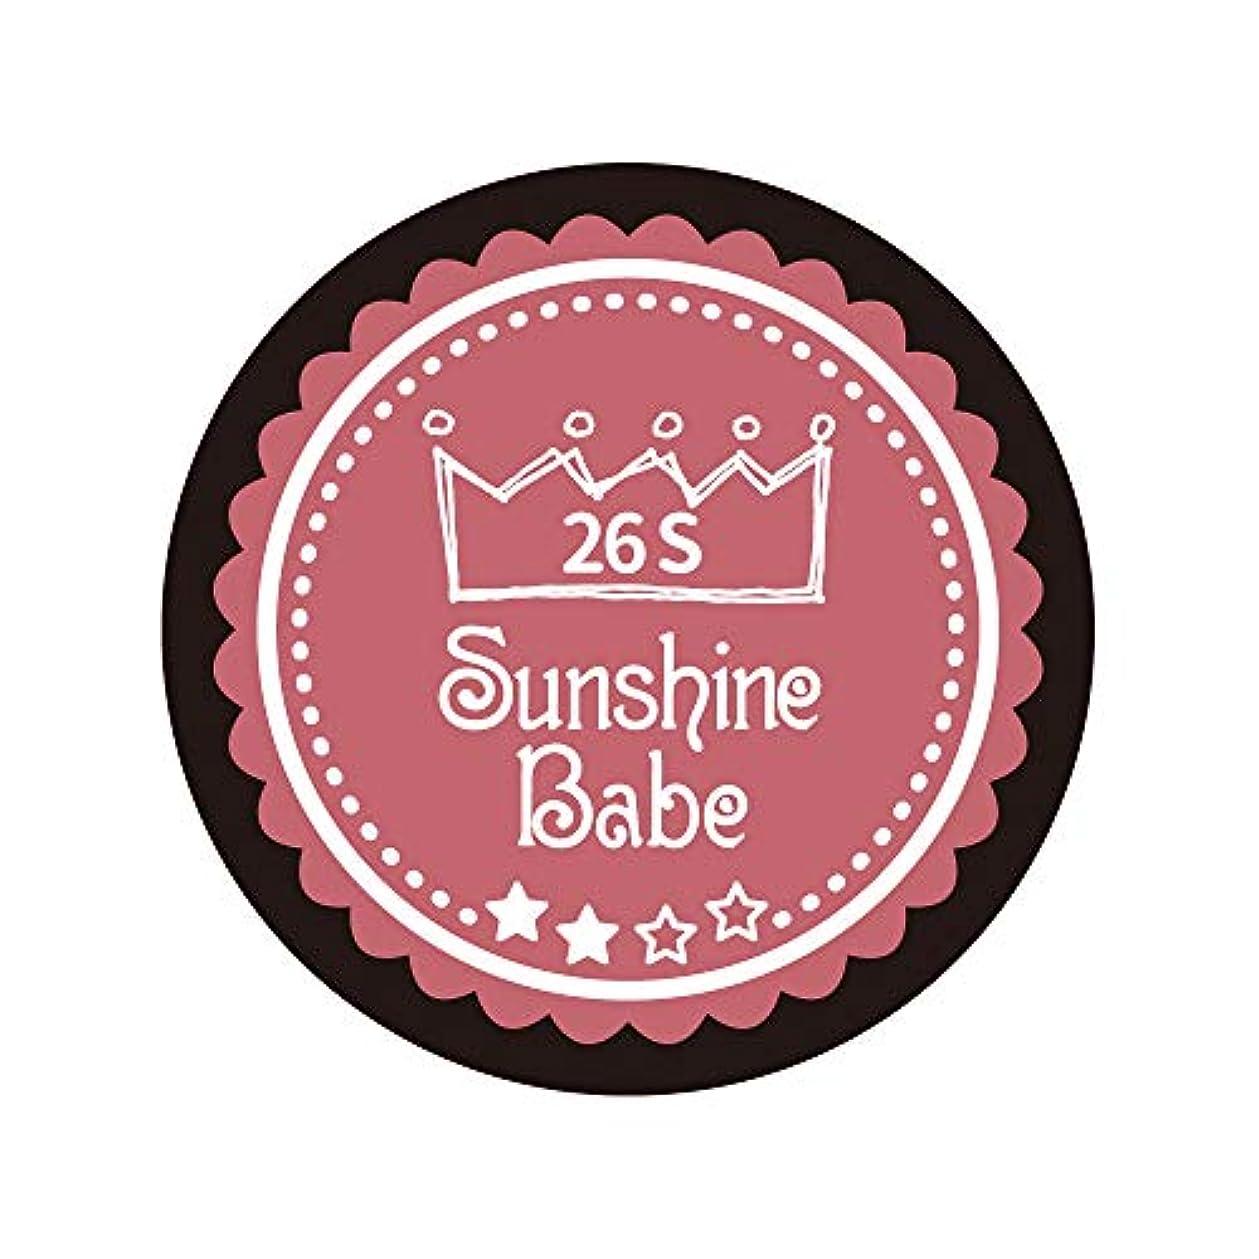 甲虫おじいちゃん開業医Sunshine Babe カラージェル 26S ダスティローズ 2.7g UV/LED対応